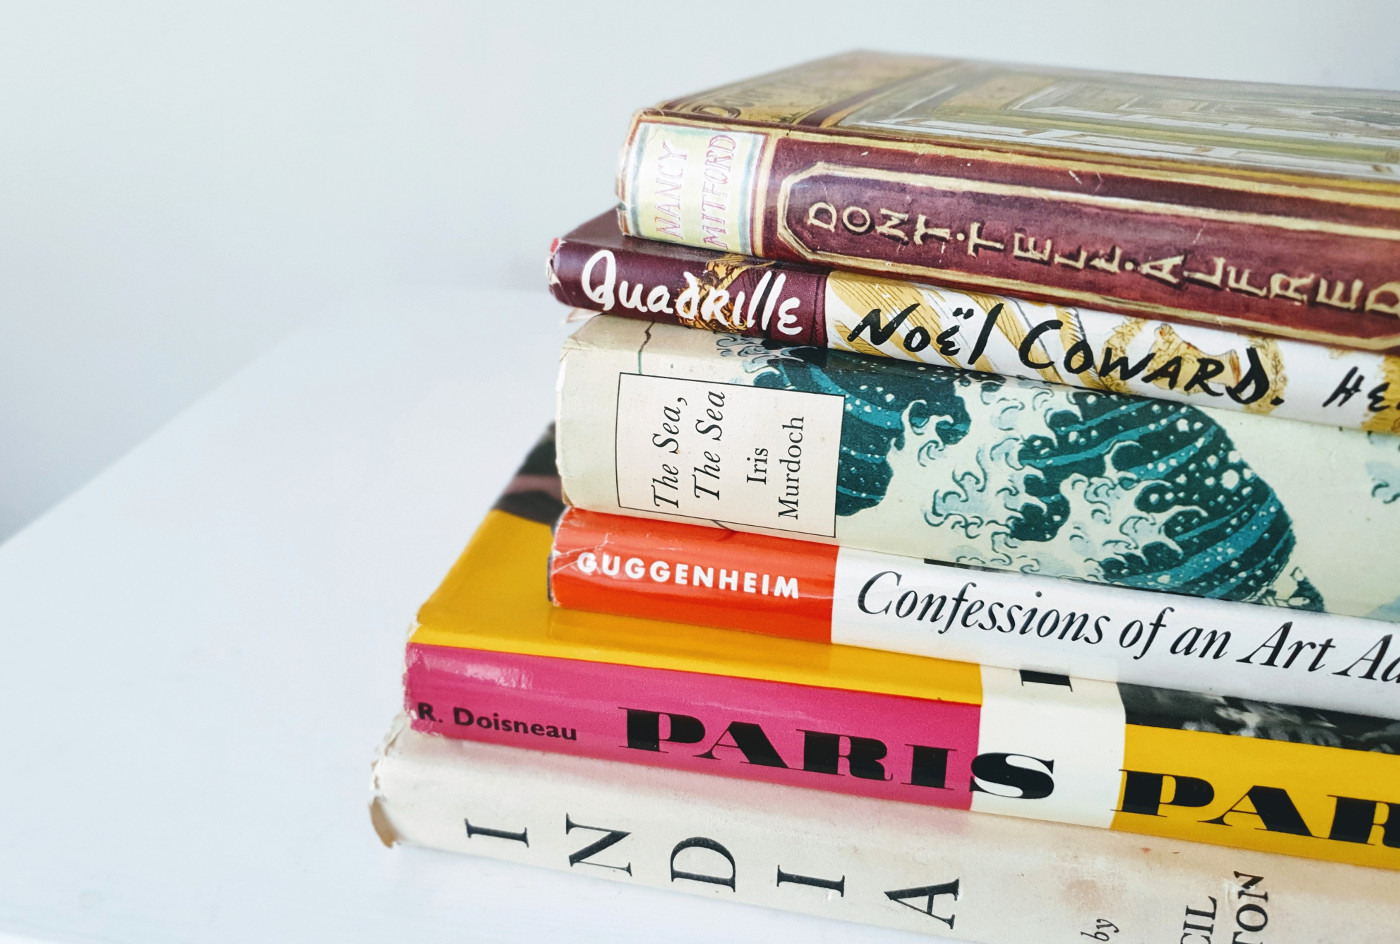 Beaux Books shop photo